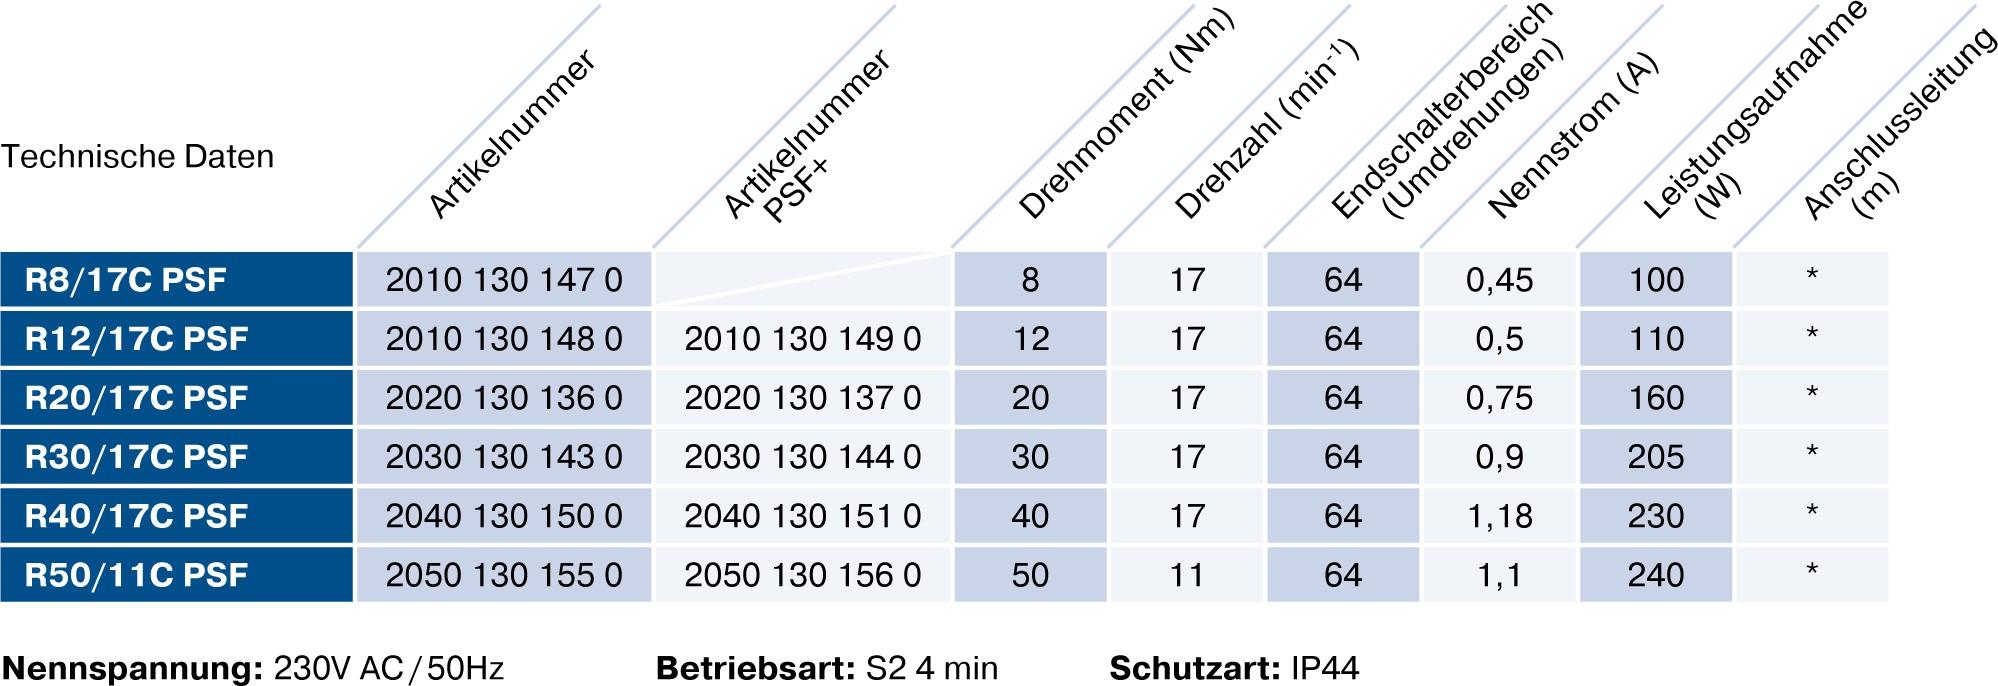 Becker R-C PSF+ Technische Daten